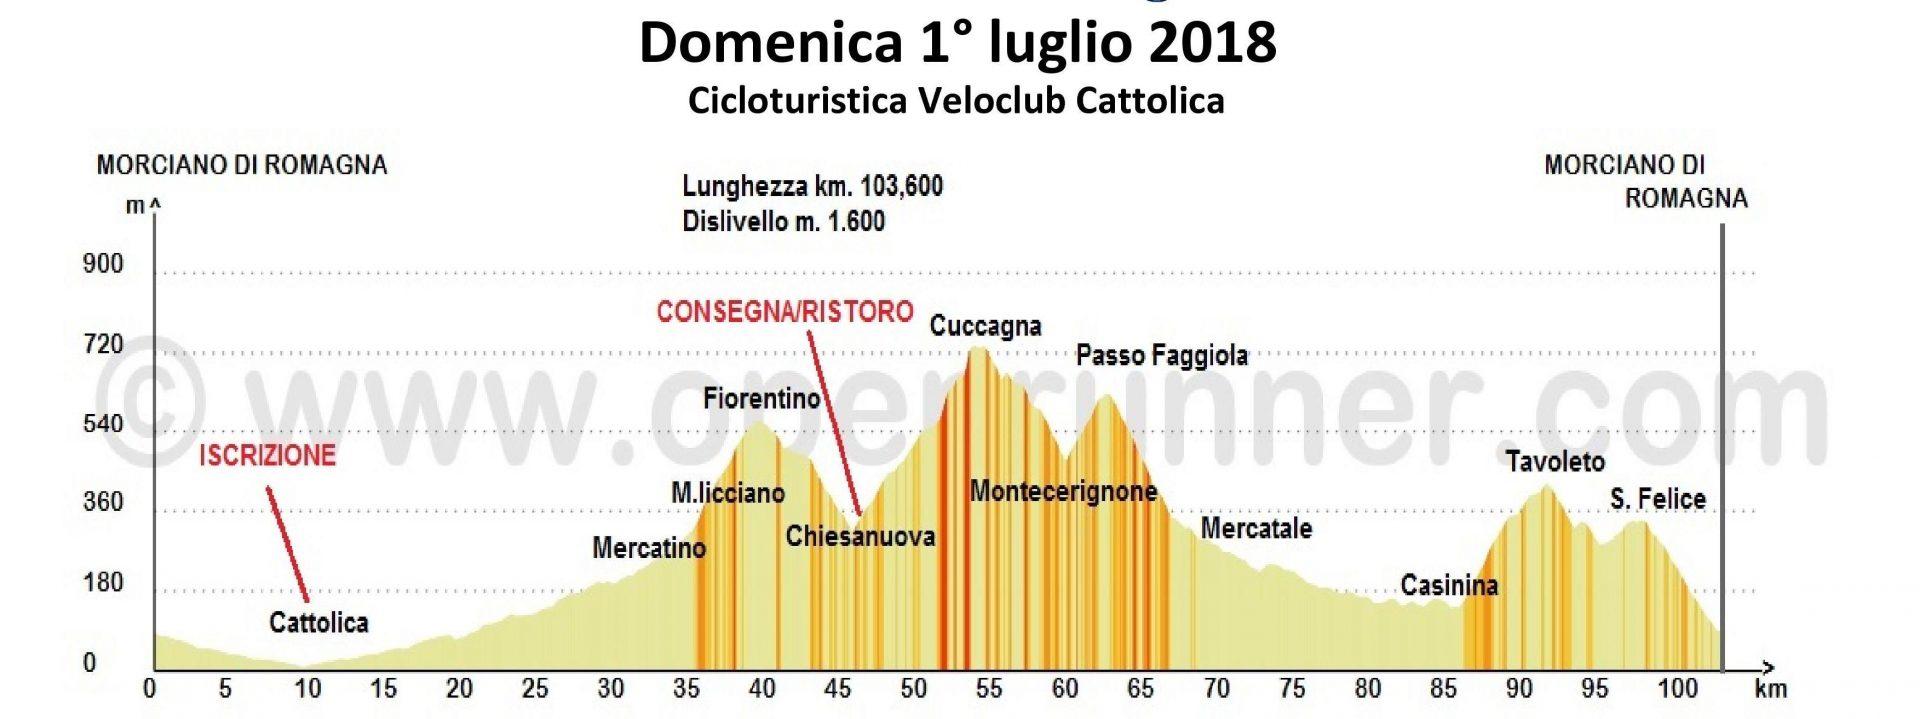 Domenica 01-lug-2018 Turistica Veloclub Cattolica